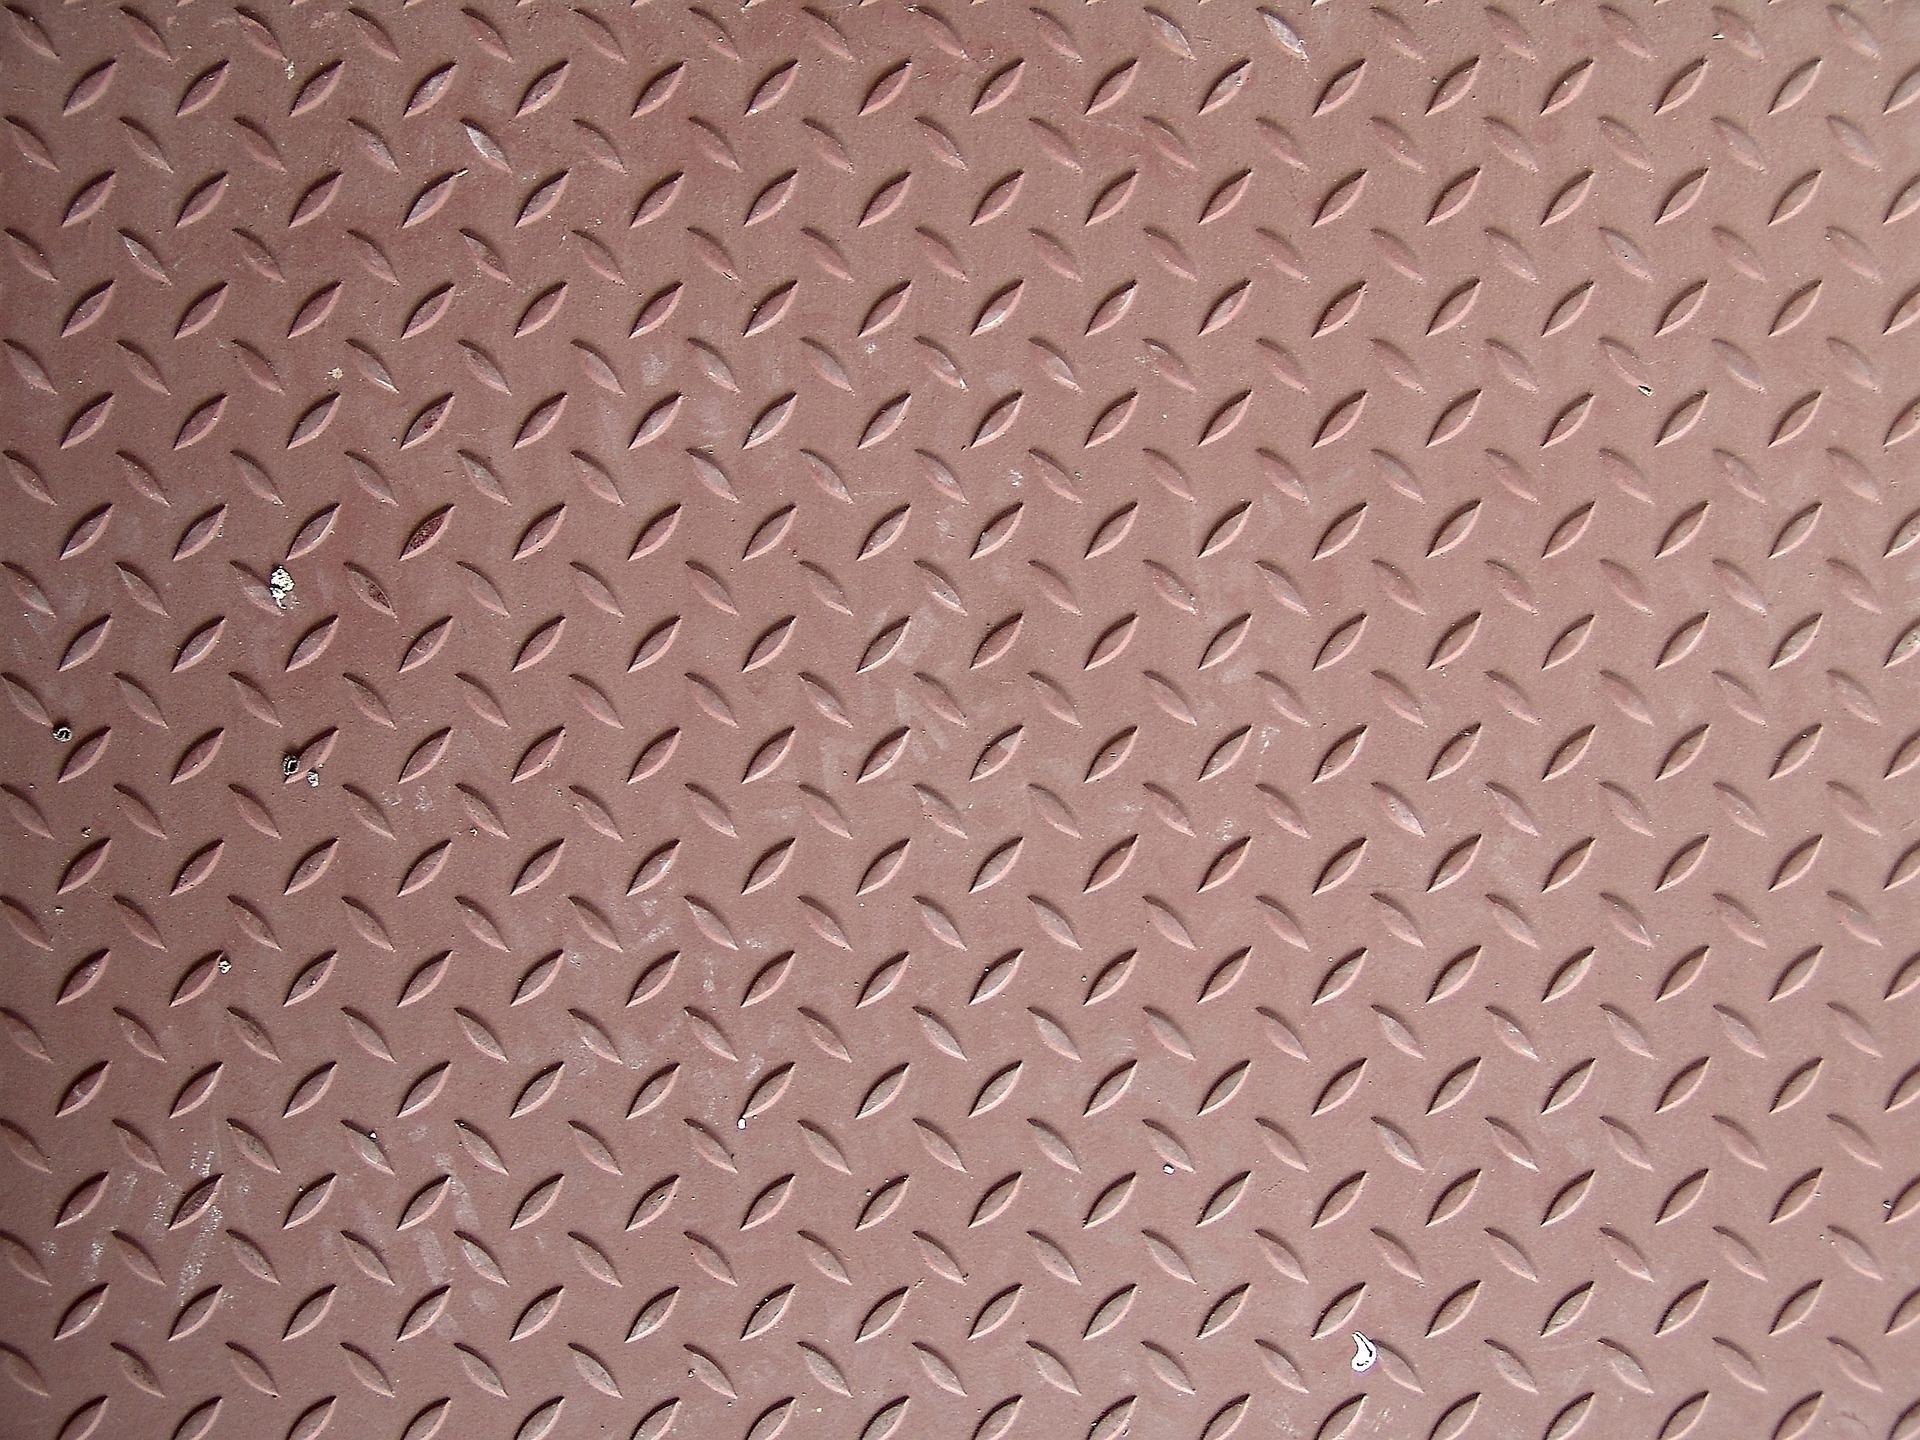 Der gut gewählte Fußboden auf baumarktblog24.de